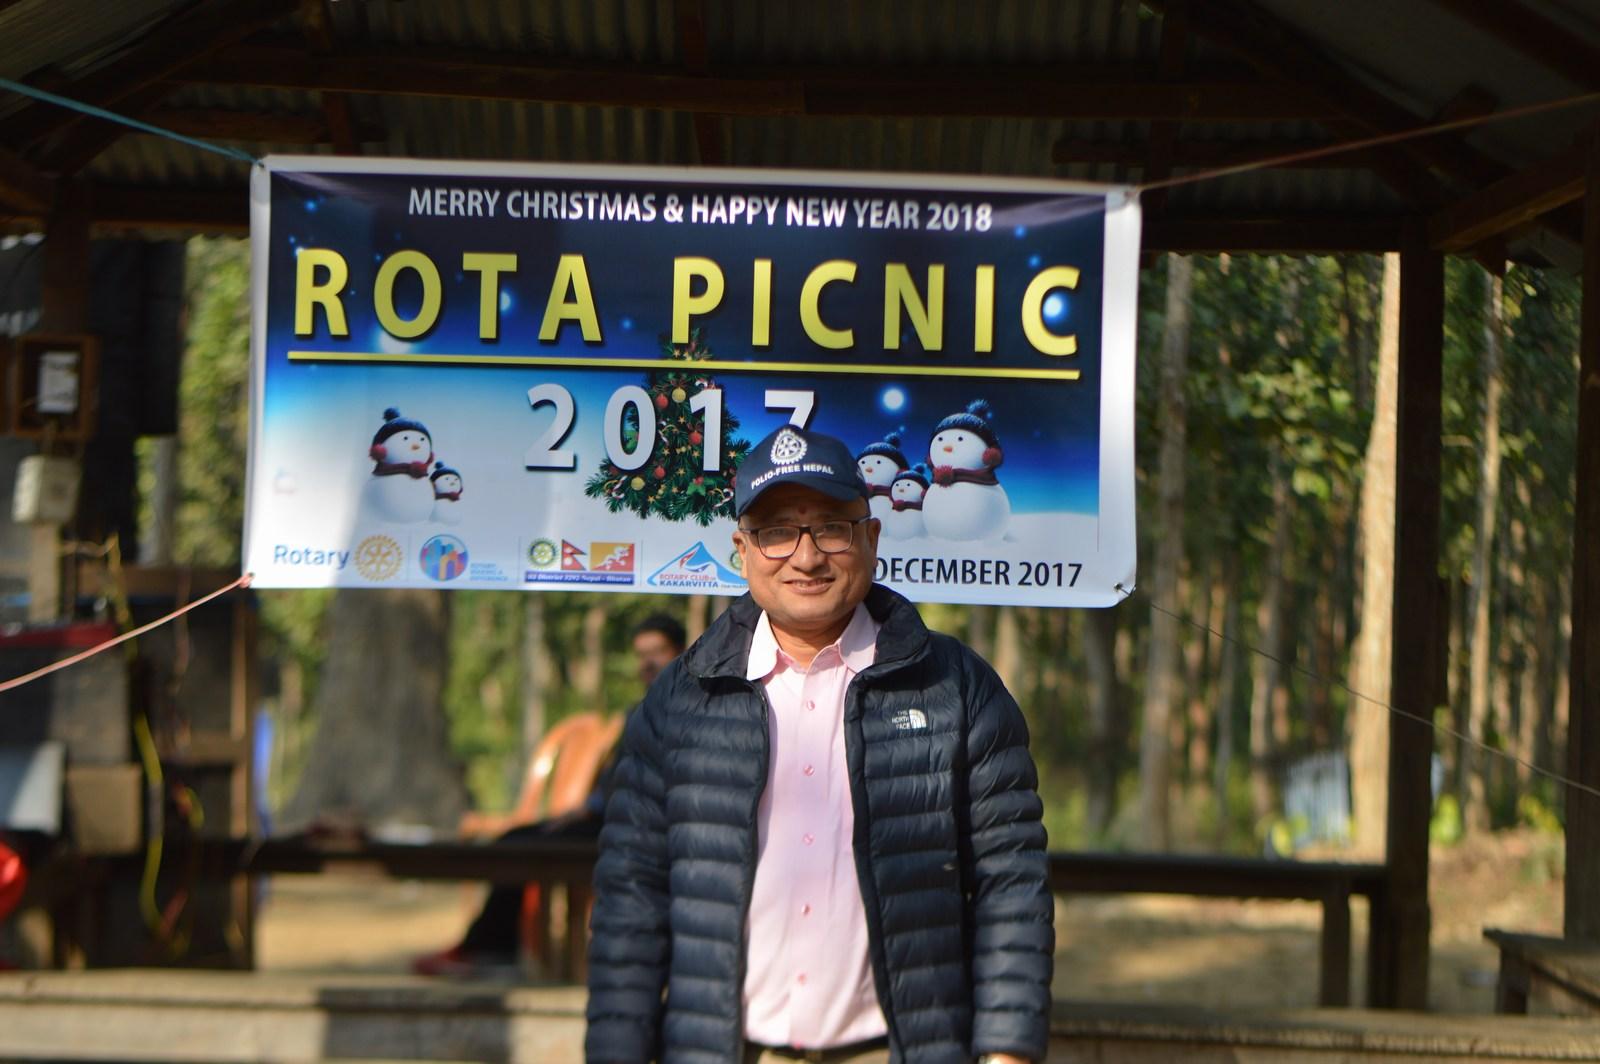 Rota-Picnic-2017-Rotary-Club-of-Kakarvitta-8